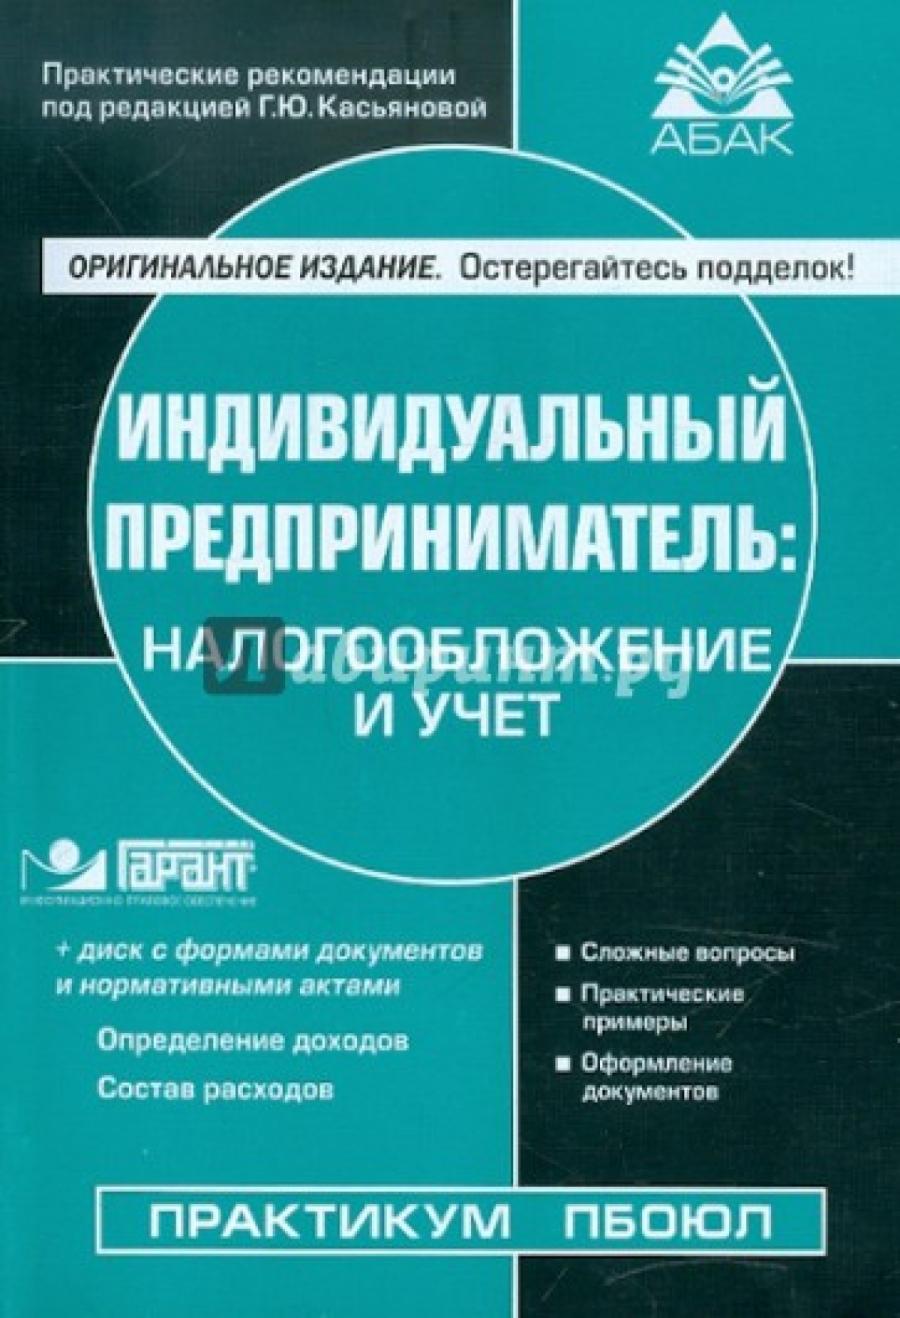 Обложка книги:  малый бизнес - г. ю. касьянова - индивидуальный предприниматель налогообложение и учет